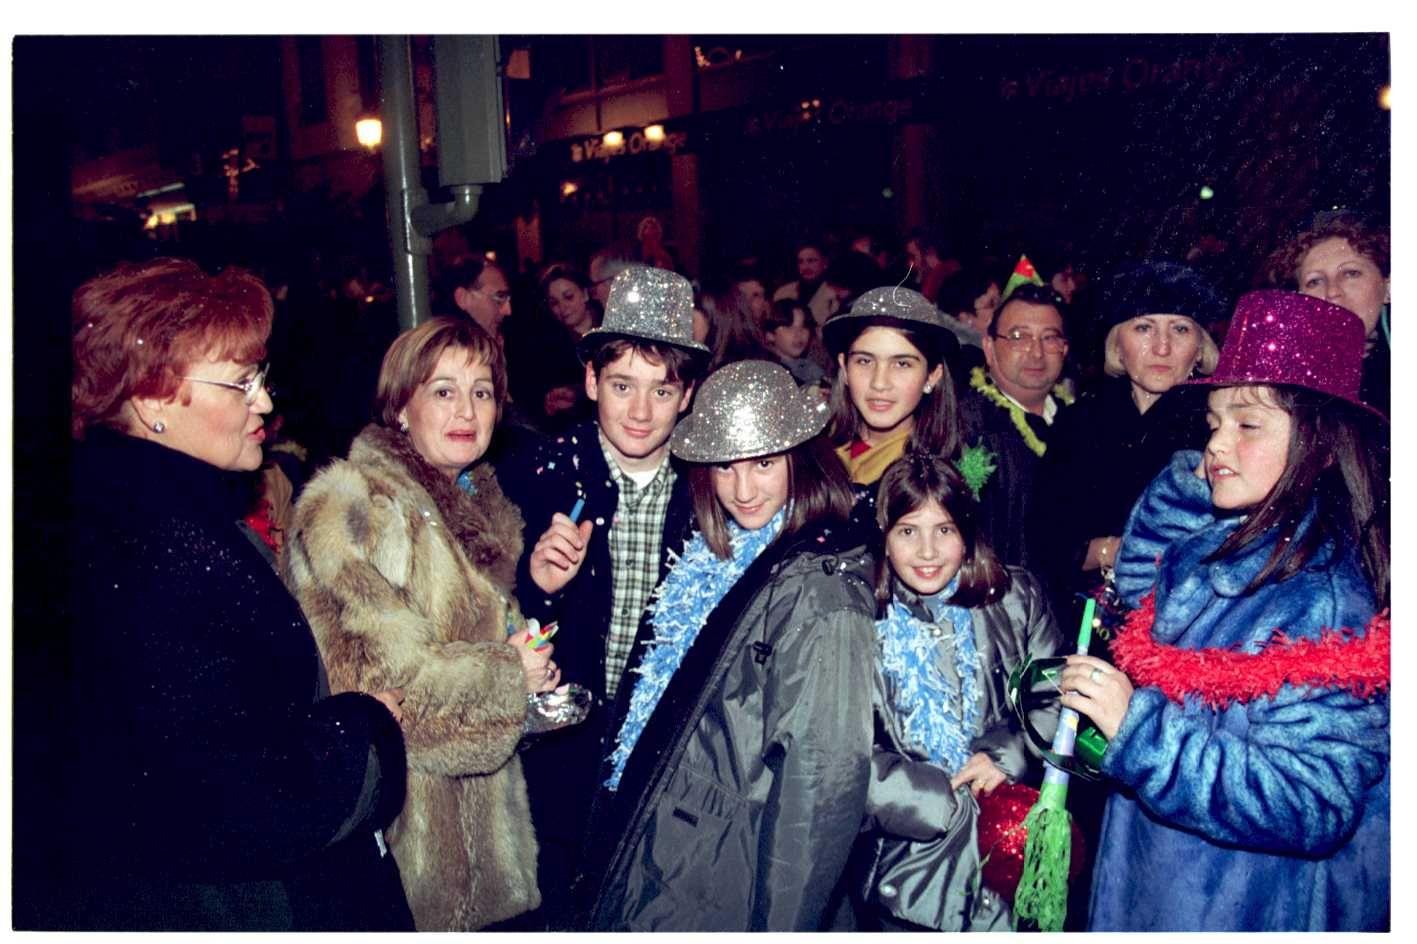 Hace 20 años. Así fue la celebración del milenio. Nochevieja de 1999